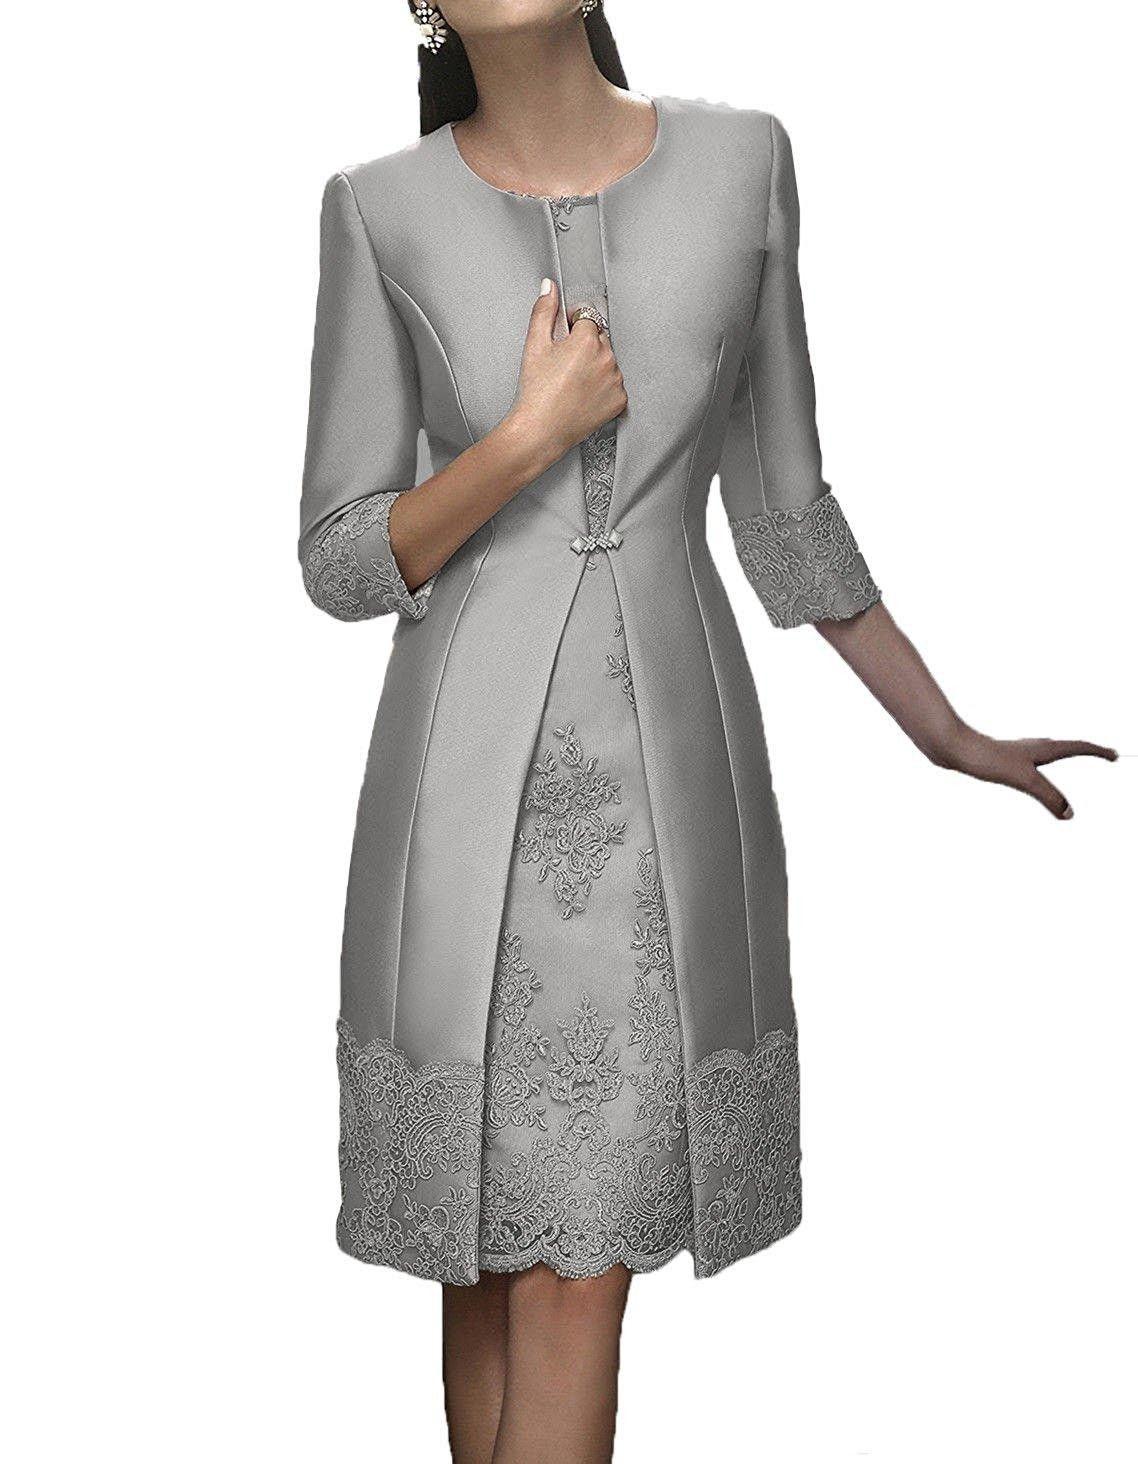 Großhandel Elegante Knielange Mutter Der Braut Kleider Abendgarderobe Mit  Jacke Satin Lace Party Hochzeitsgast Kleid 16 Mutter Anzug Kleider Von